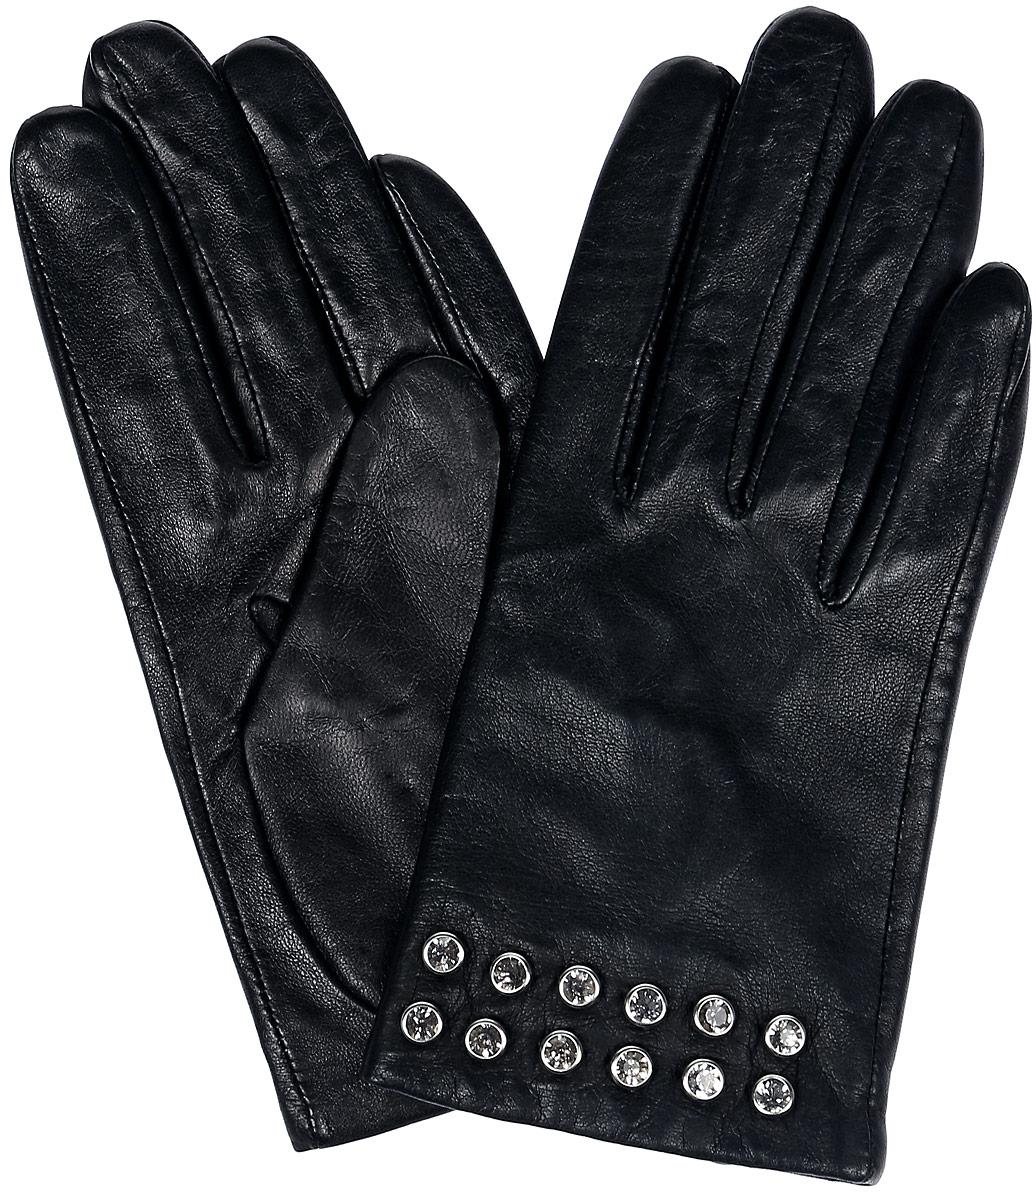 Перчатки81_DIE/BLЖенские перчатки Dali Exclusive не только защитят ваши руки, но и станут великолепным украшением. Перчатки выполнены из натуральной кожи, а подкладка - из высококачественного шелка. Модель оформлена клепками со стразами.